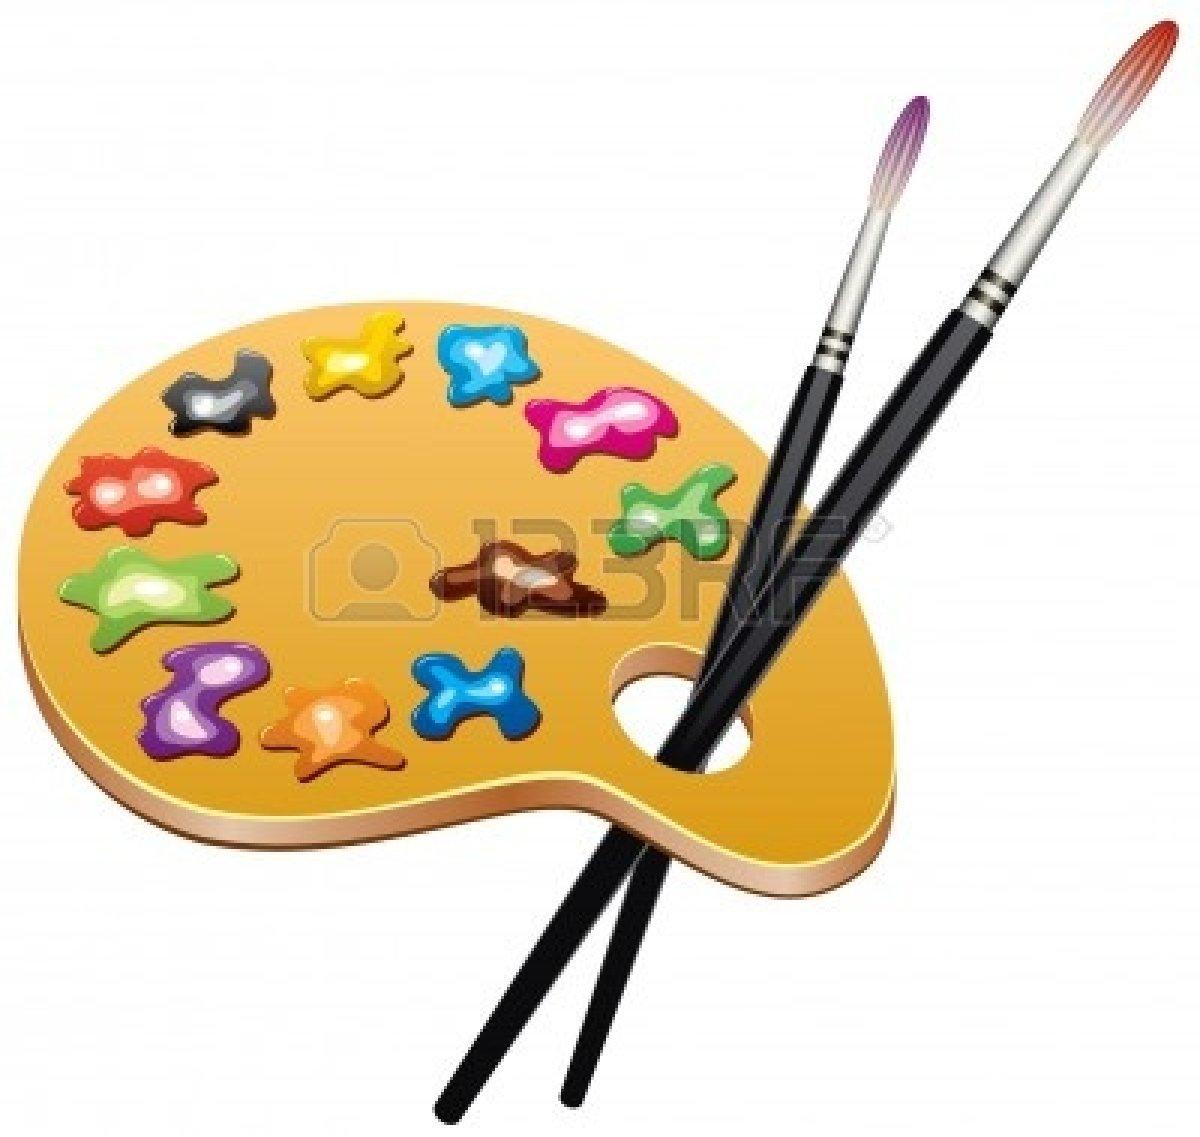 Clip Art Artist Paint Palette Clipart - Clipart Suggest